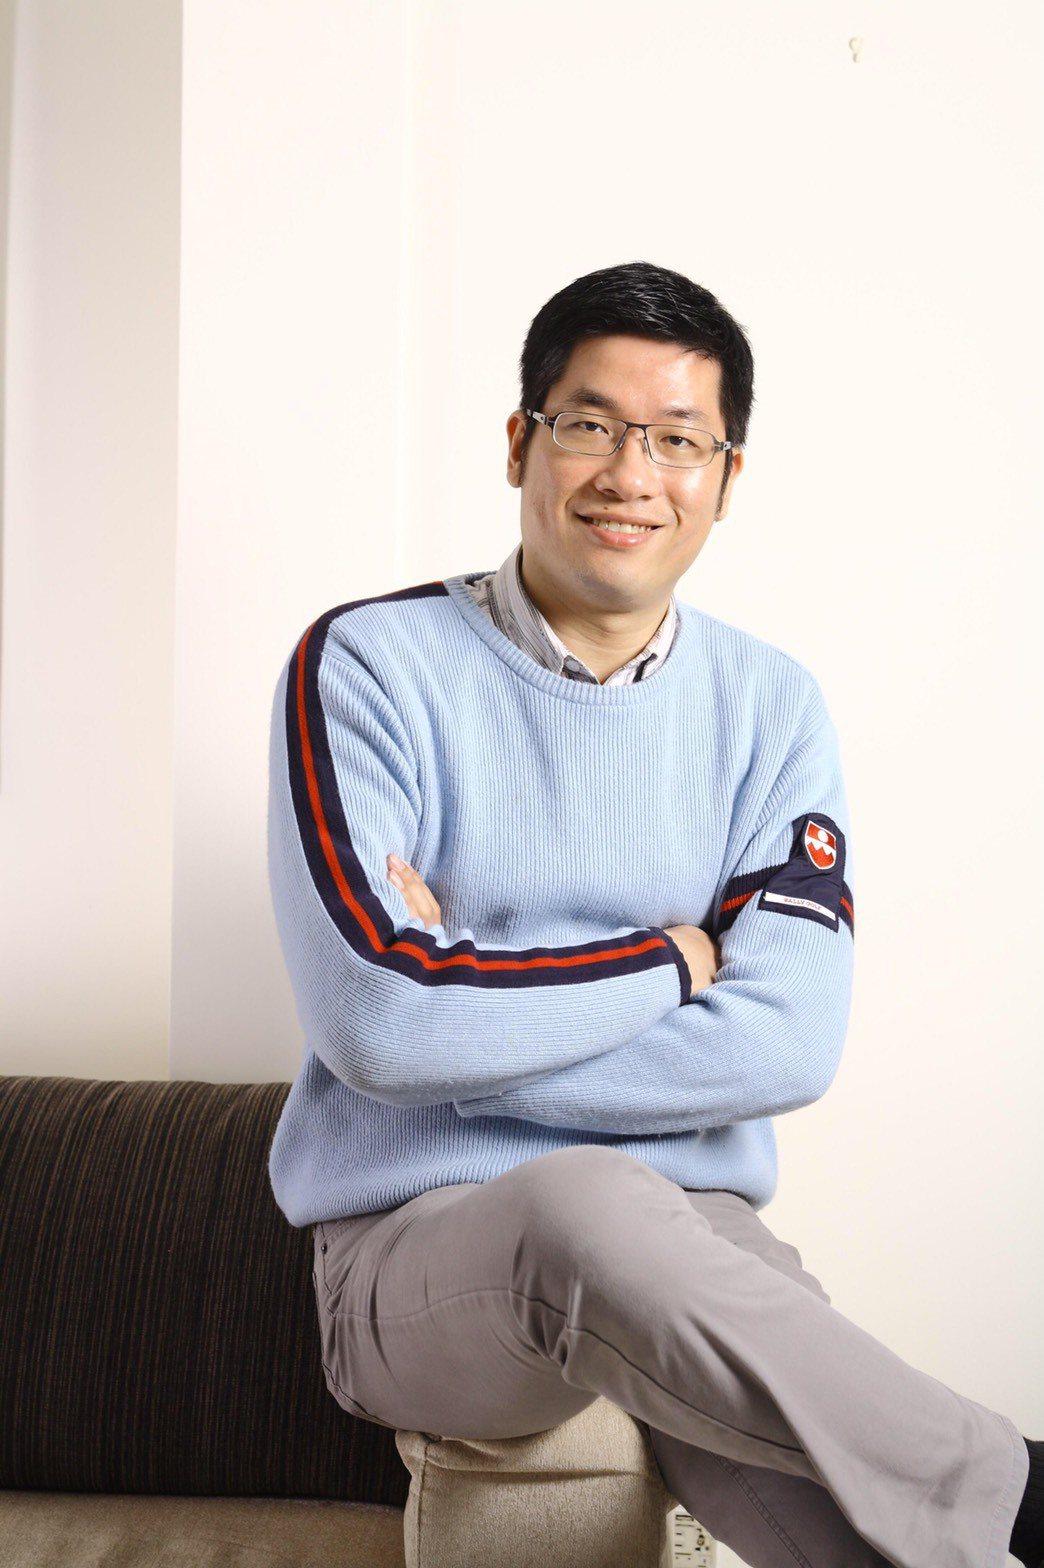 風水咨詢師李咸陽分享2大購屋訣竅,化解民眾對嫌惡設施觀感。圖/李咸陽提供